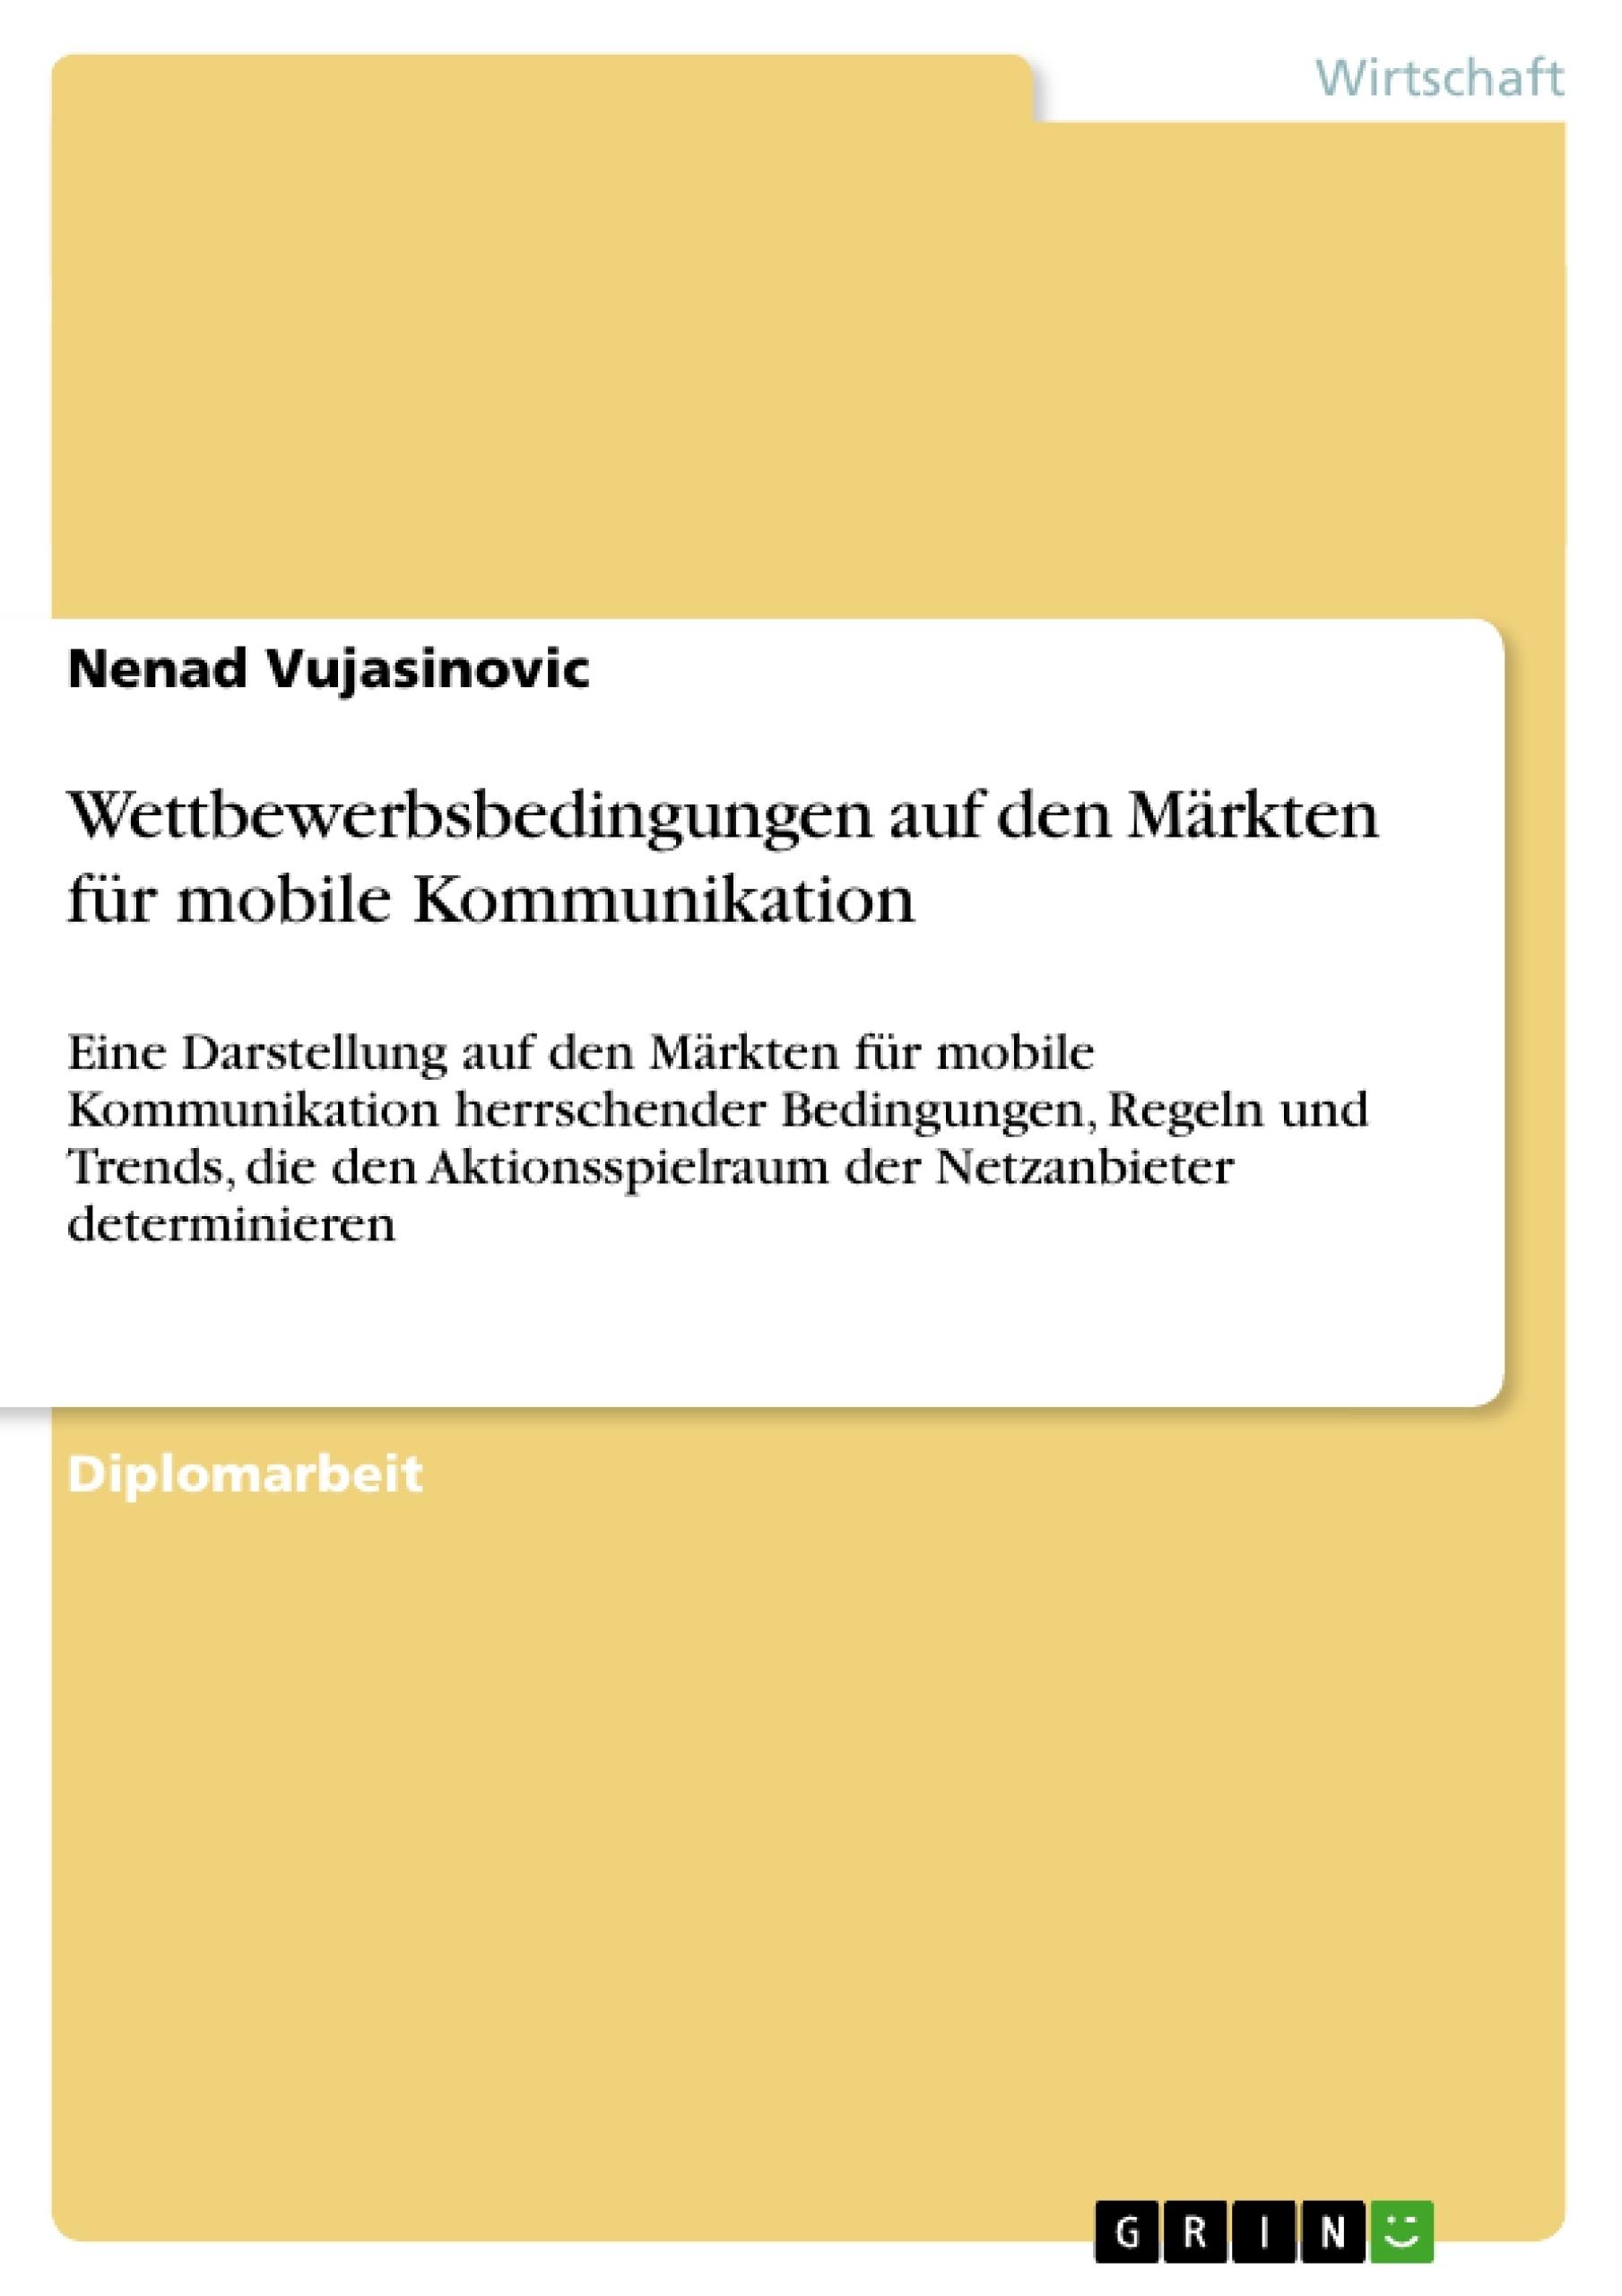 Titel: Wettbewerbsbedingungen auf den Märkten für mobile Kommunikation